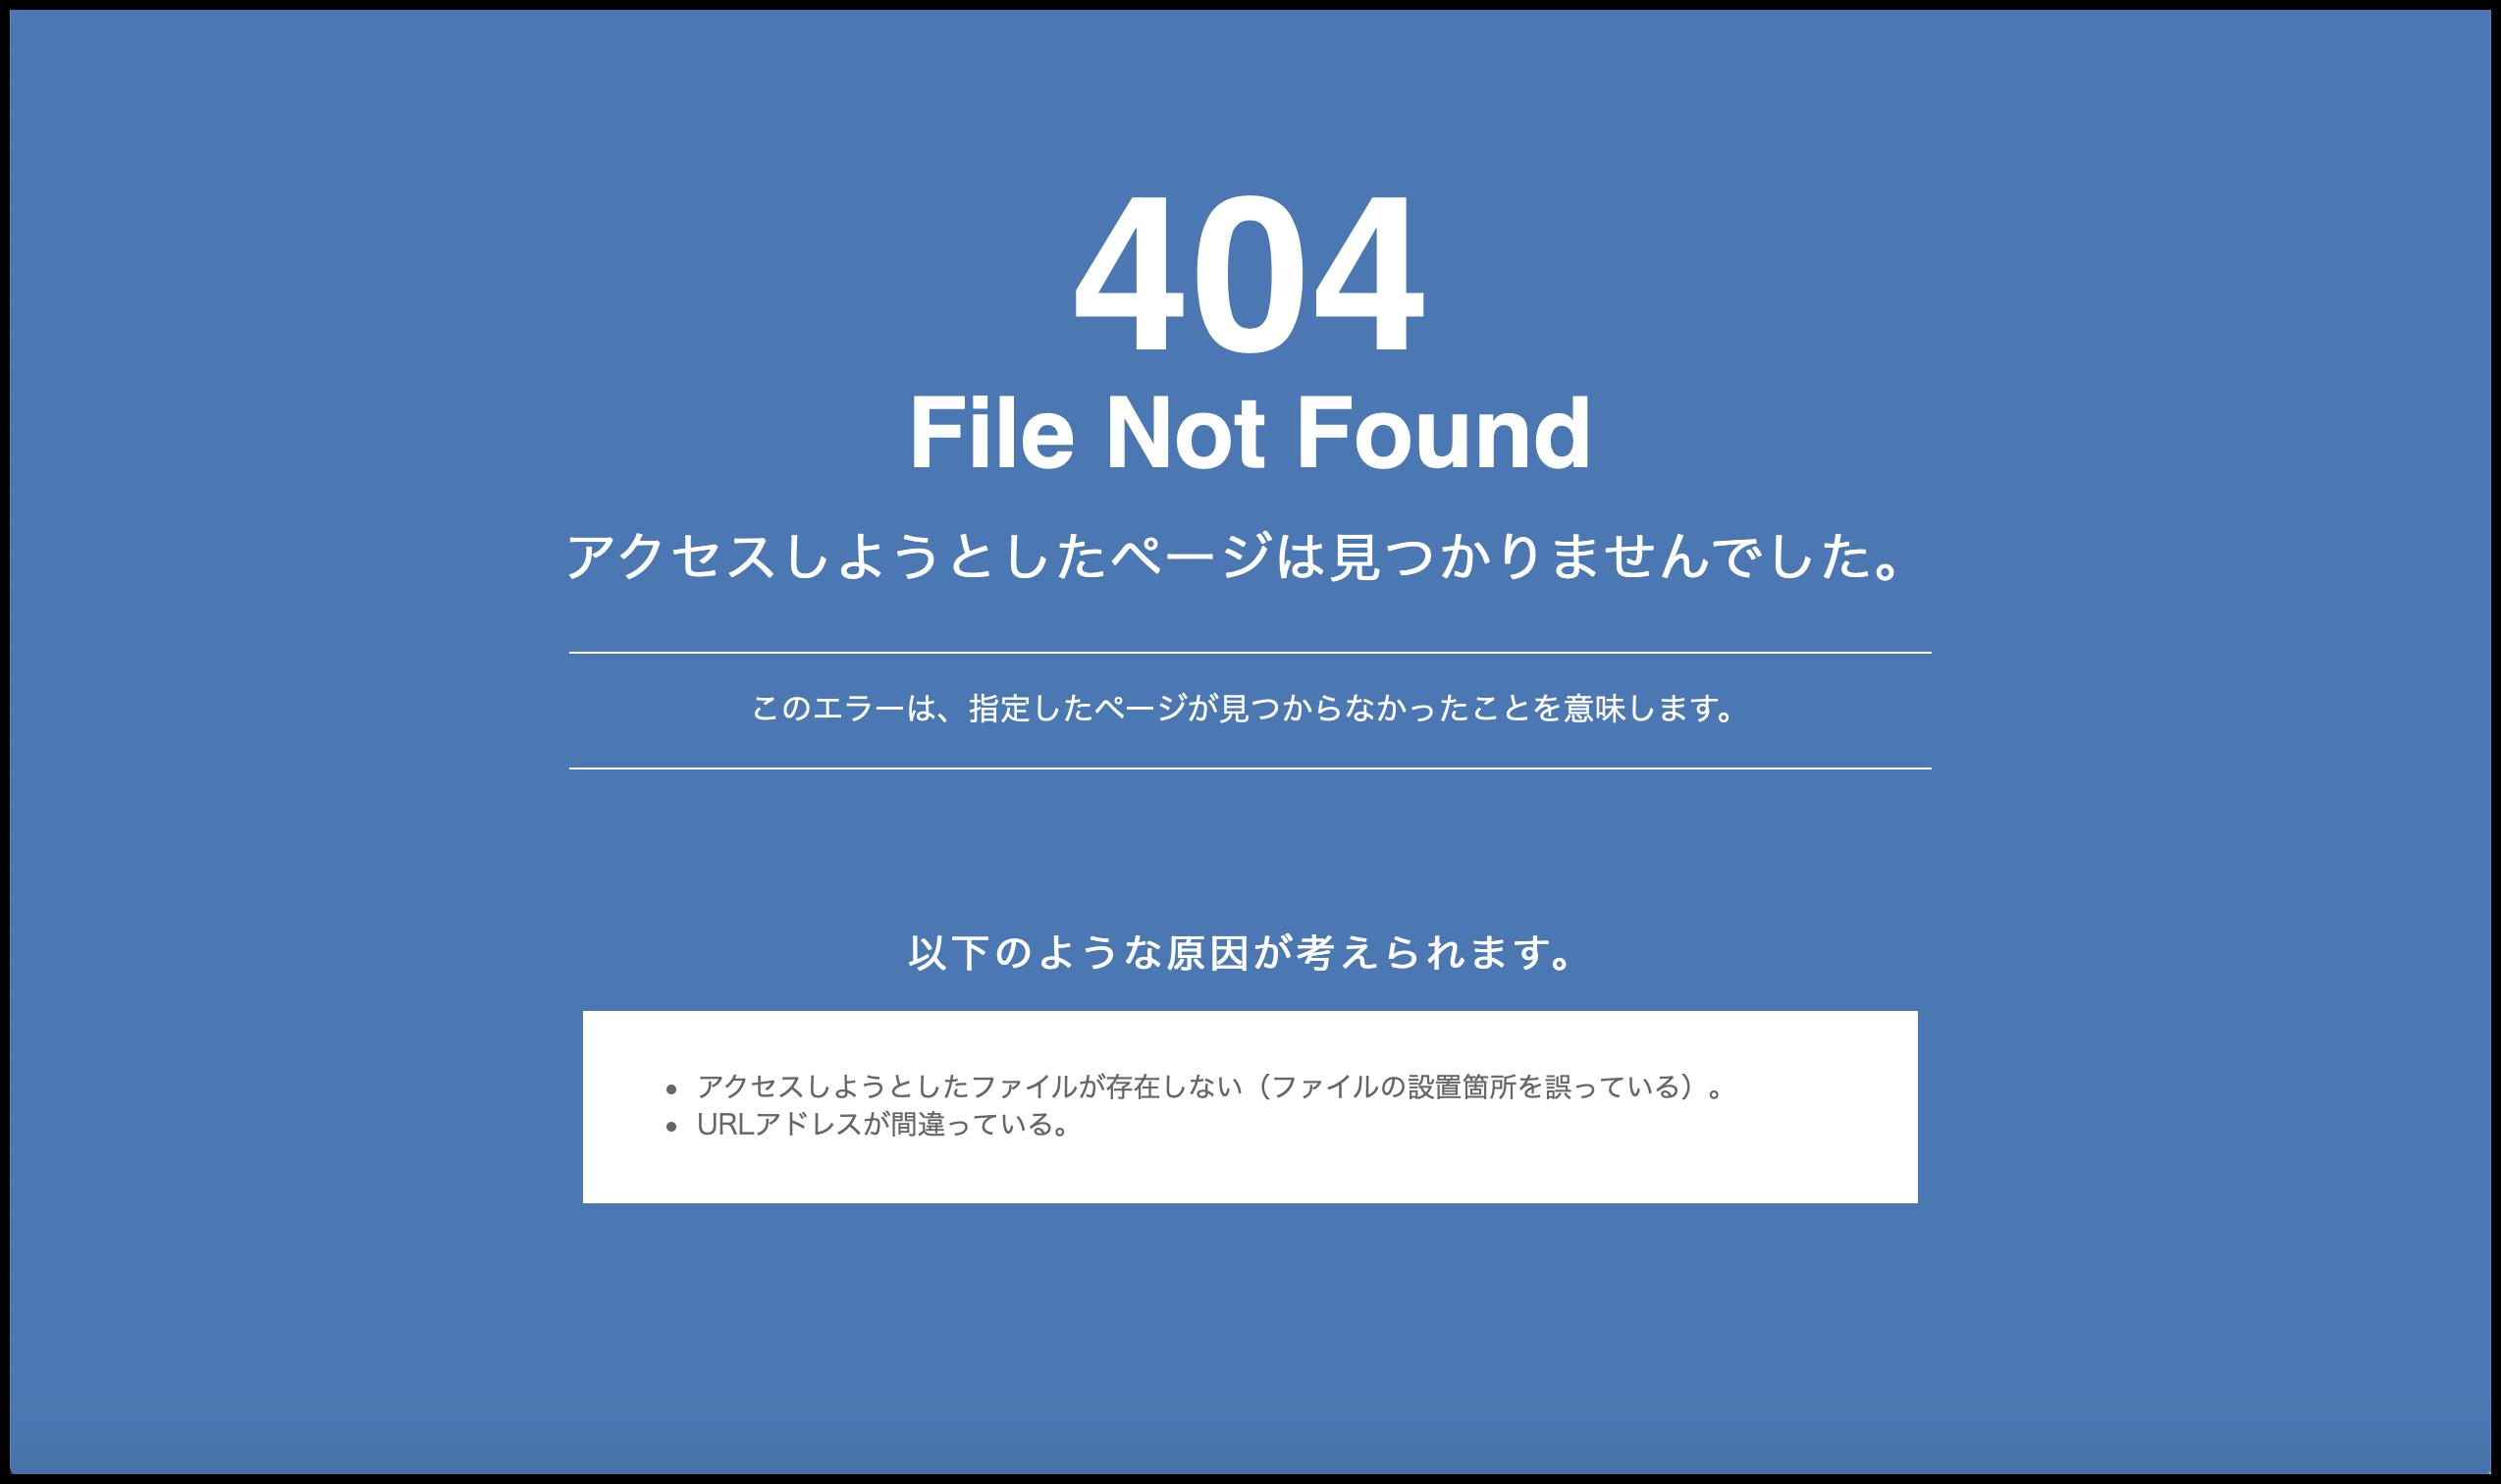 WordPress(ワードプレス)のトップページ以外が404エラーになる対処法